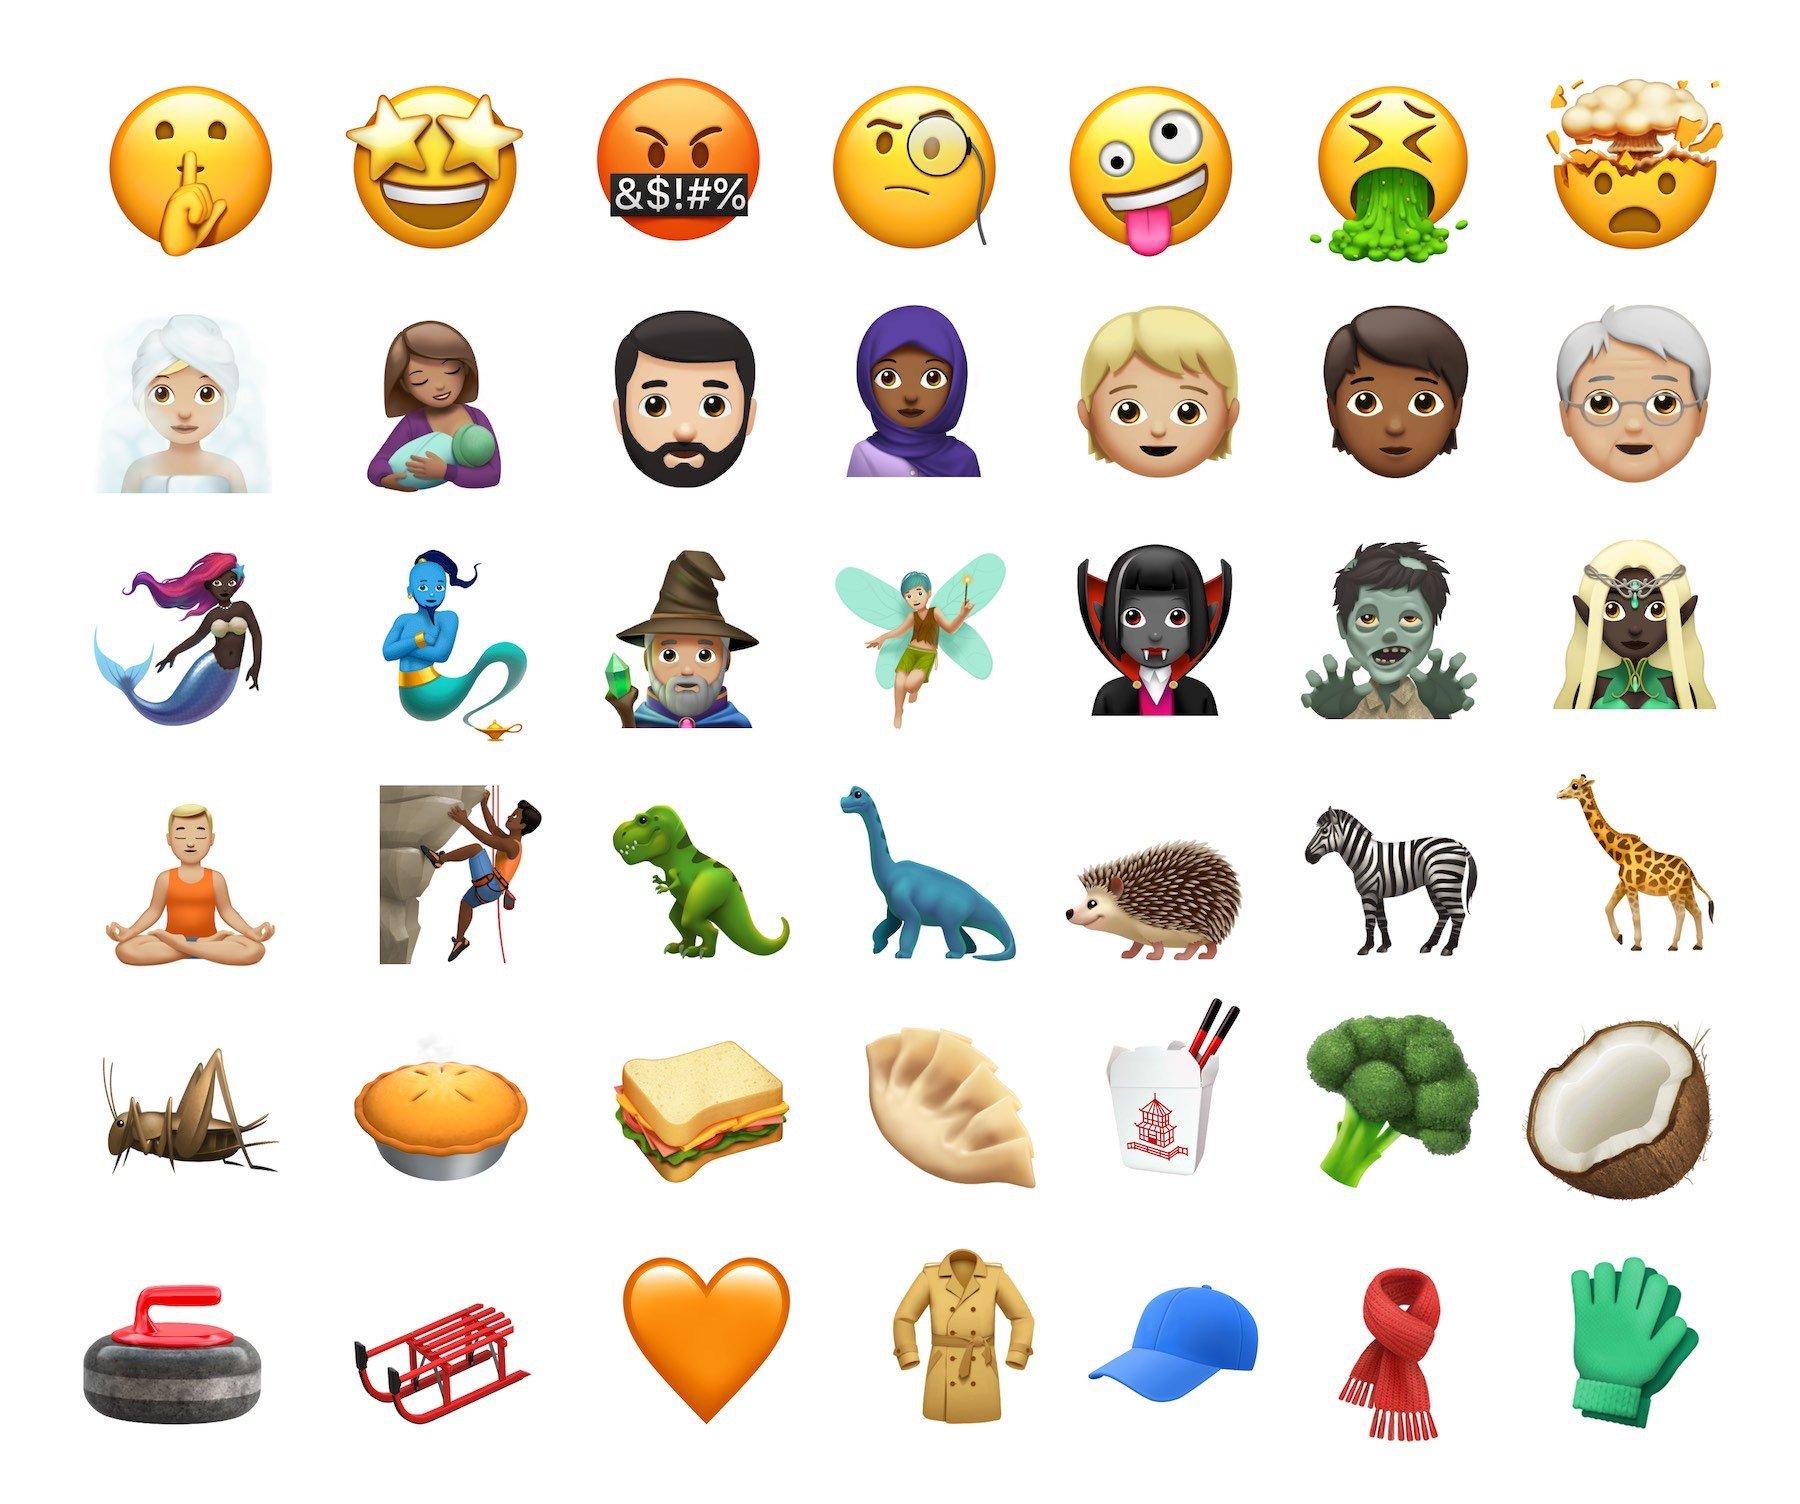 astuce ios   comment cr u00e9er ses propres raccourcis pour ins u00e9rer un emoji sur iphone et ipad